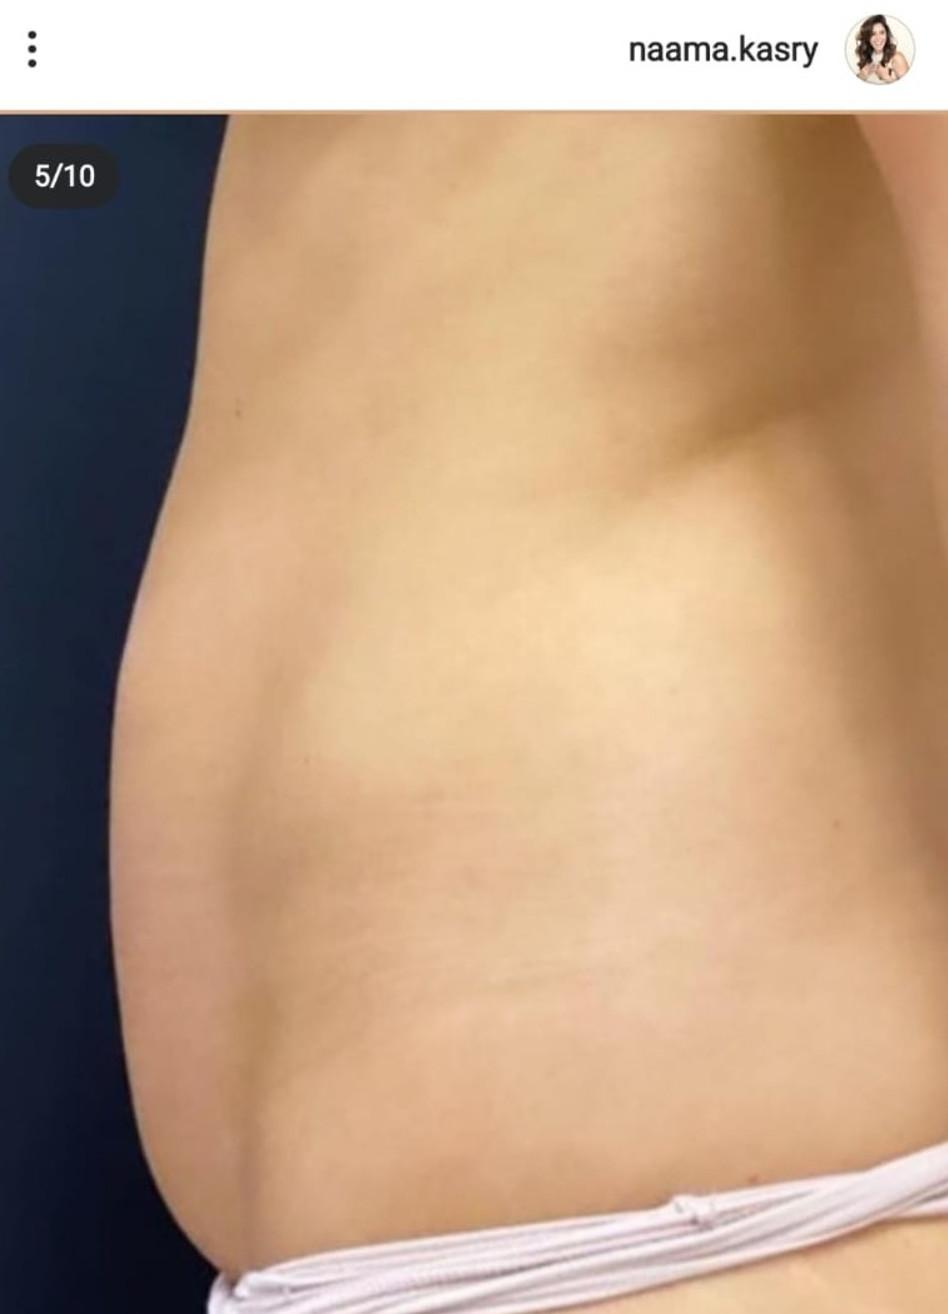 הבטן של נעמה קסרי לפני הניתוח (צילום: צילום מסך אינסטגרם)